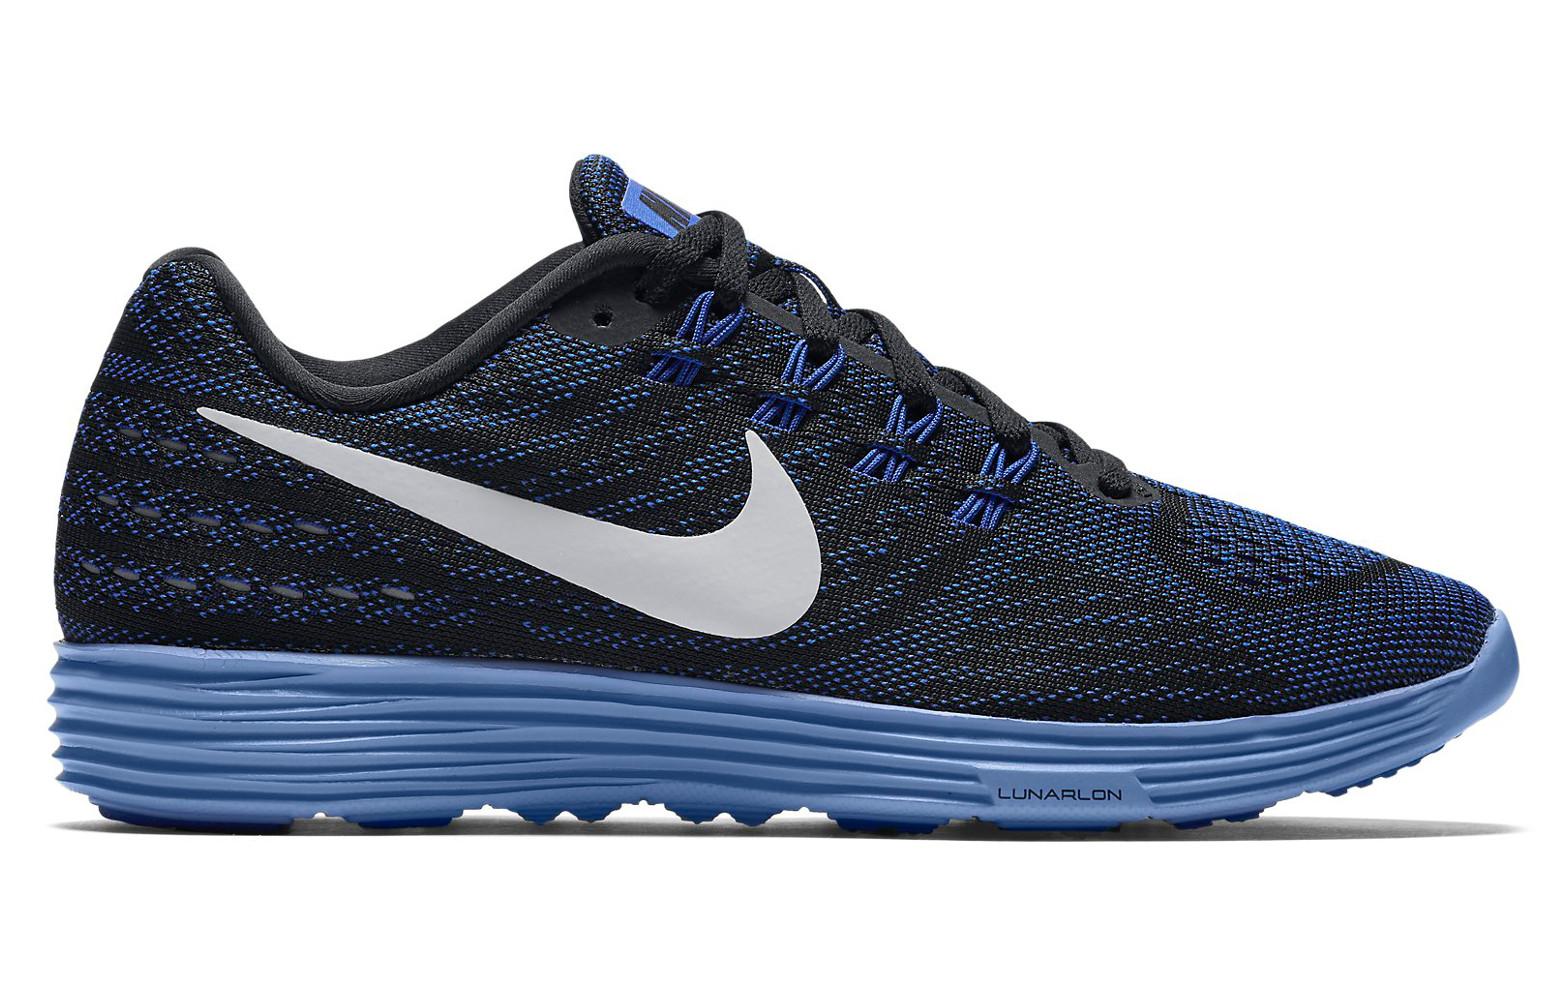 on sale 36d6b f4dae Chaussures de Running Femme Nike LUNARTEMPO 2 Bleu